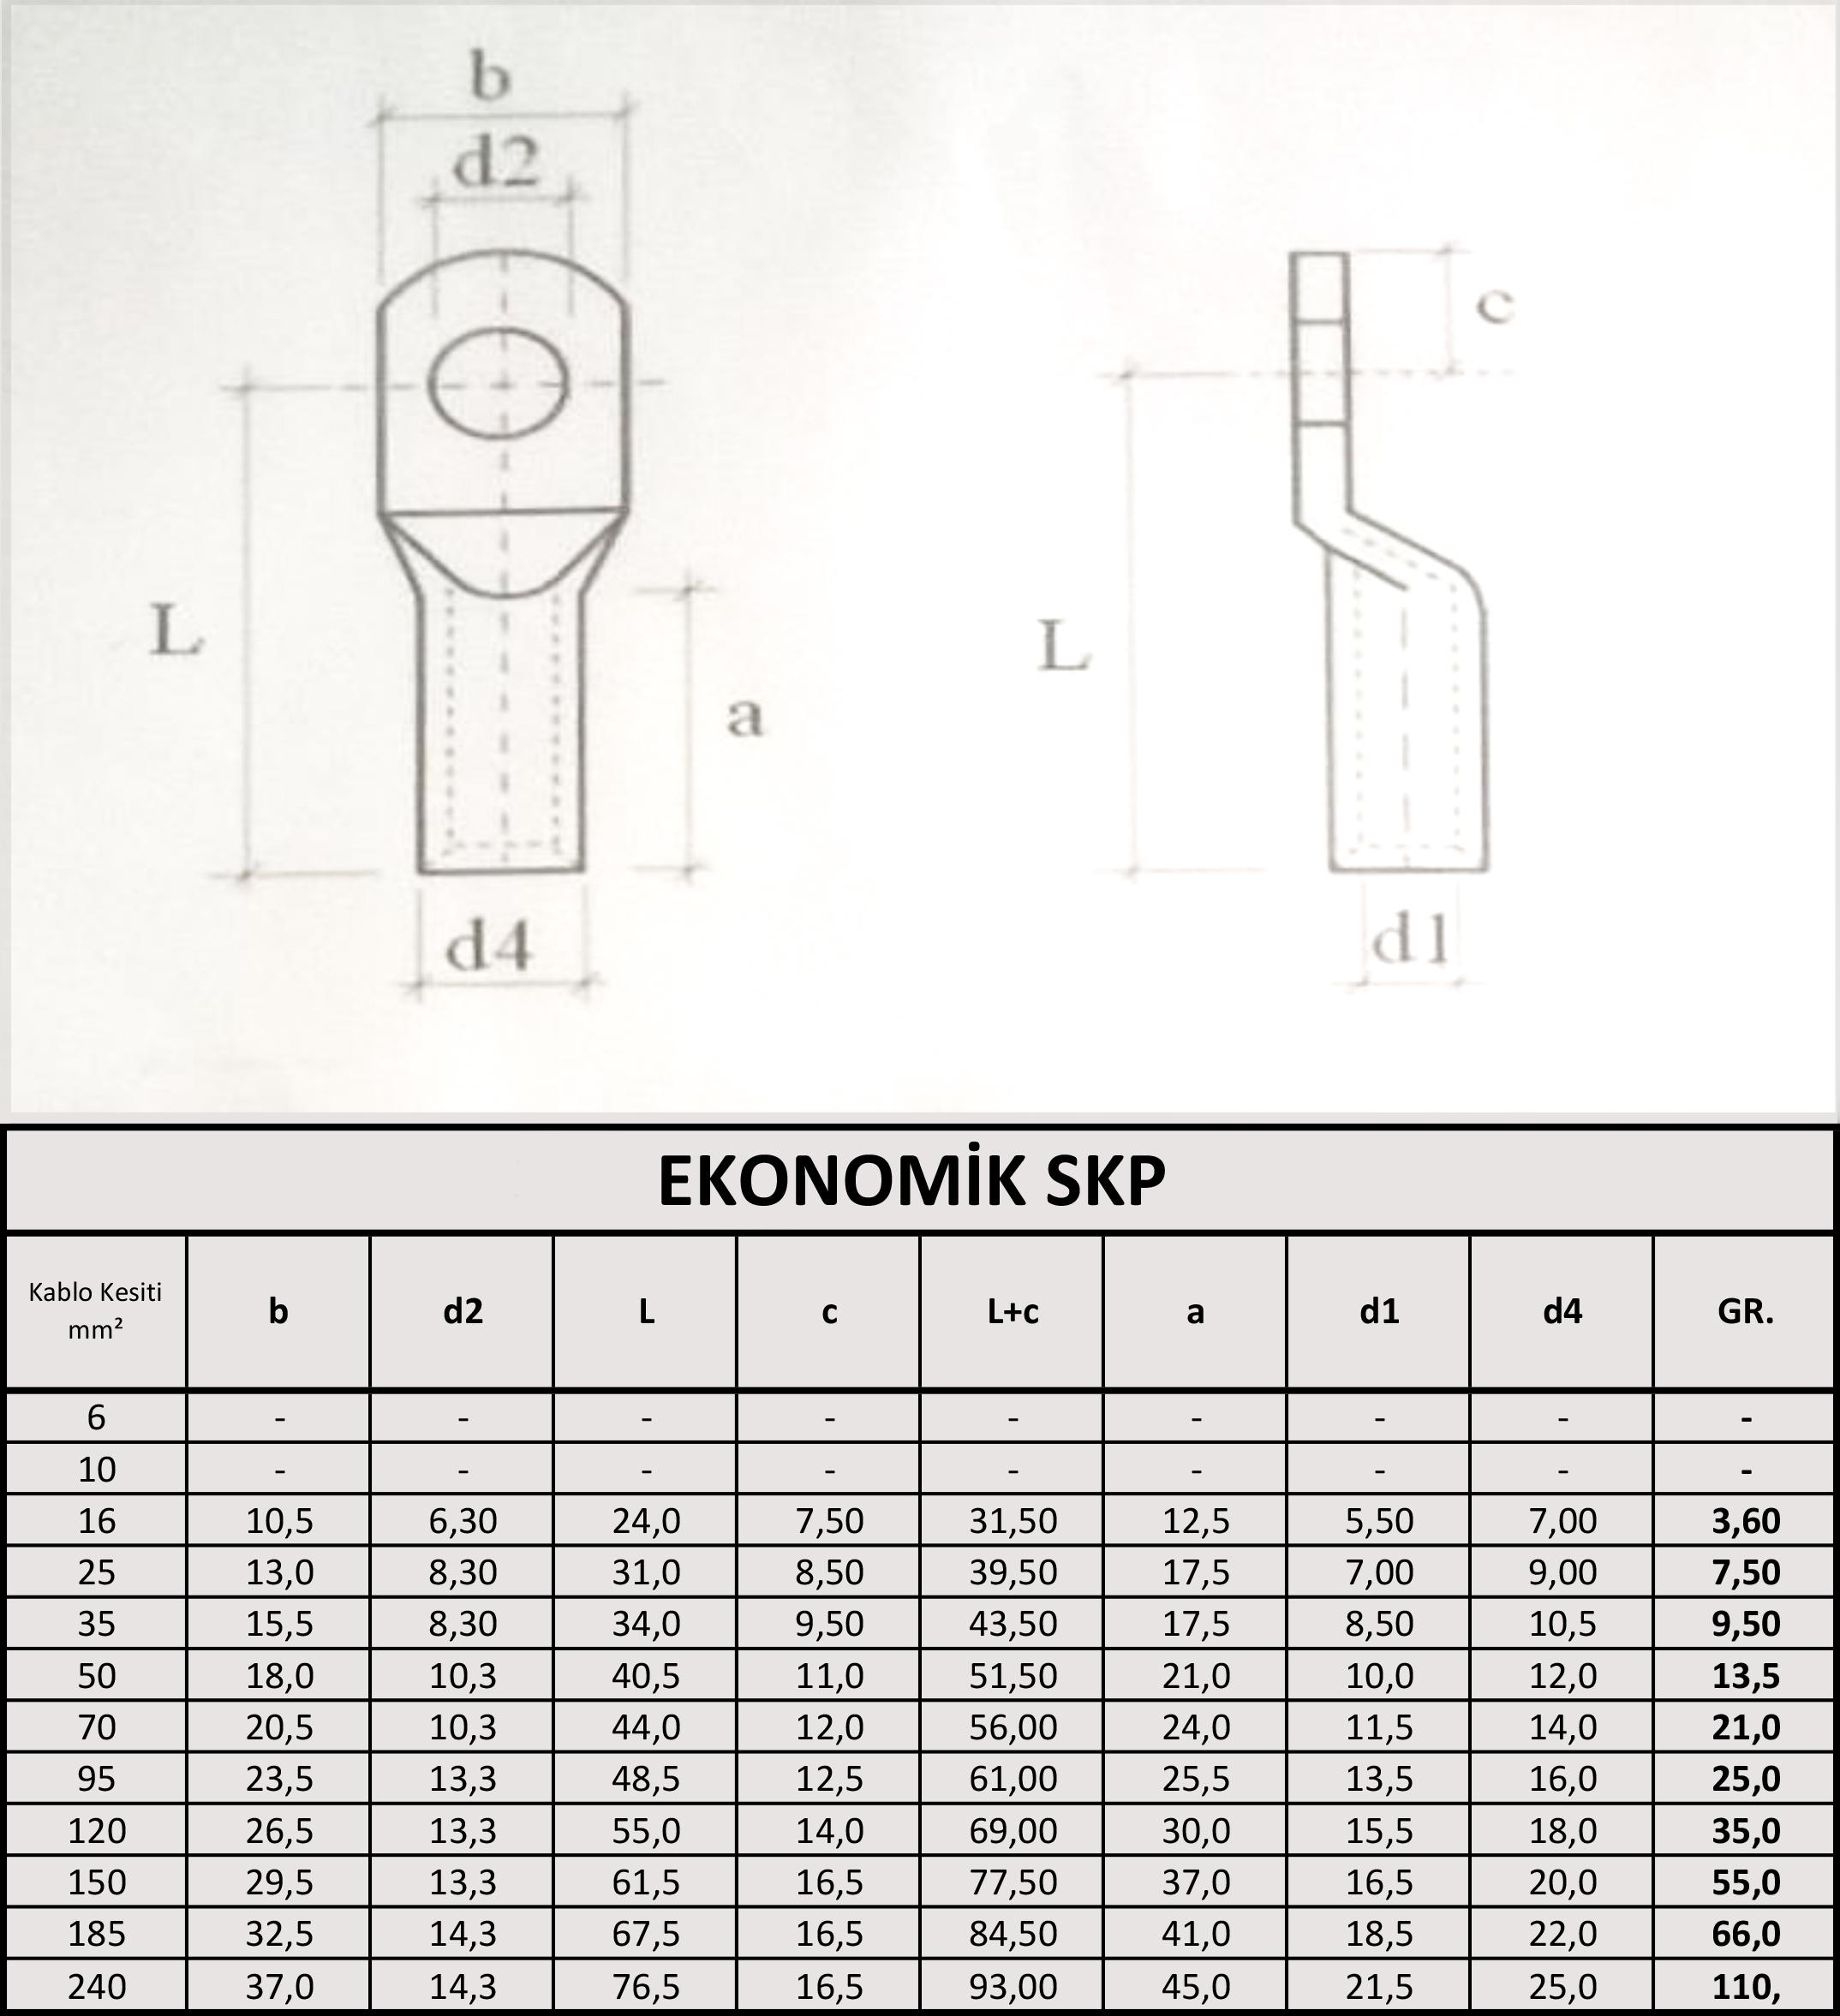 Ekonomik skp ölçüleri